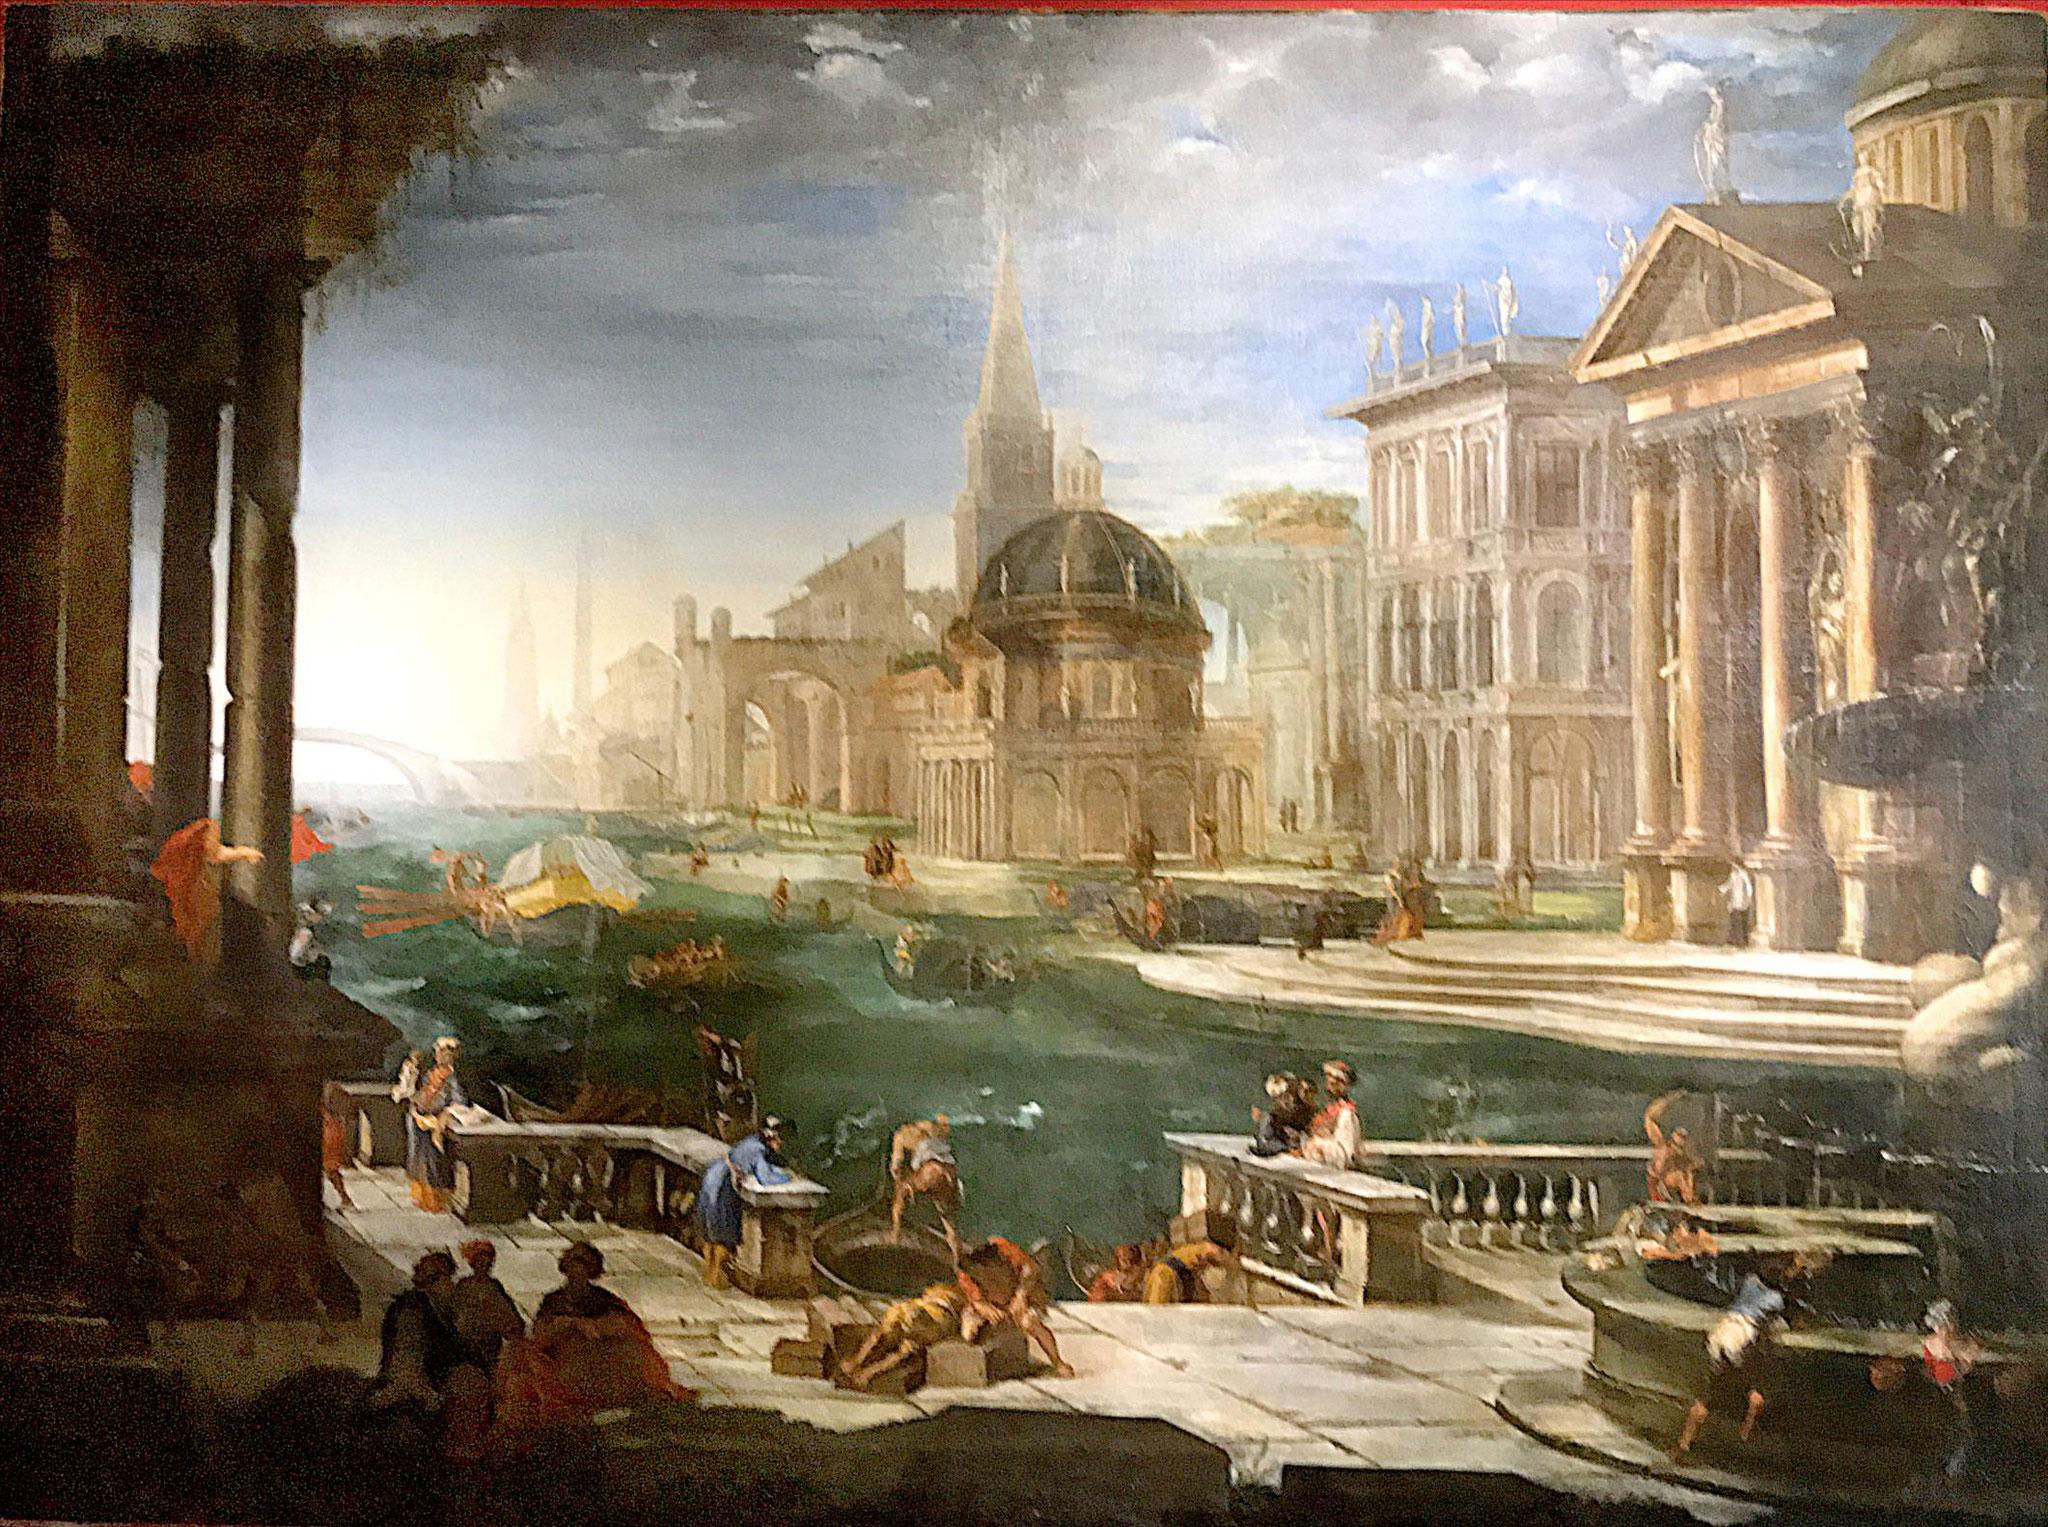 Salucci Alessandro, Vue d'un canal bordé d'architecture, XVIIe / musée de Picardie